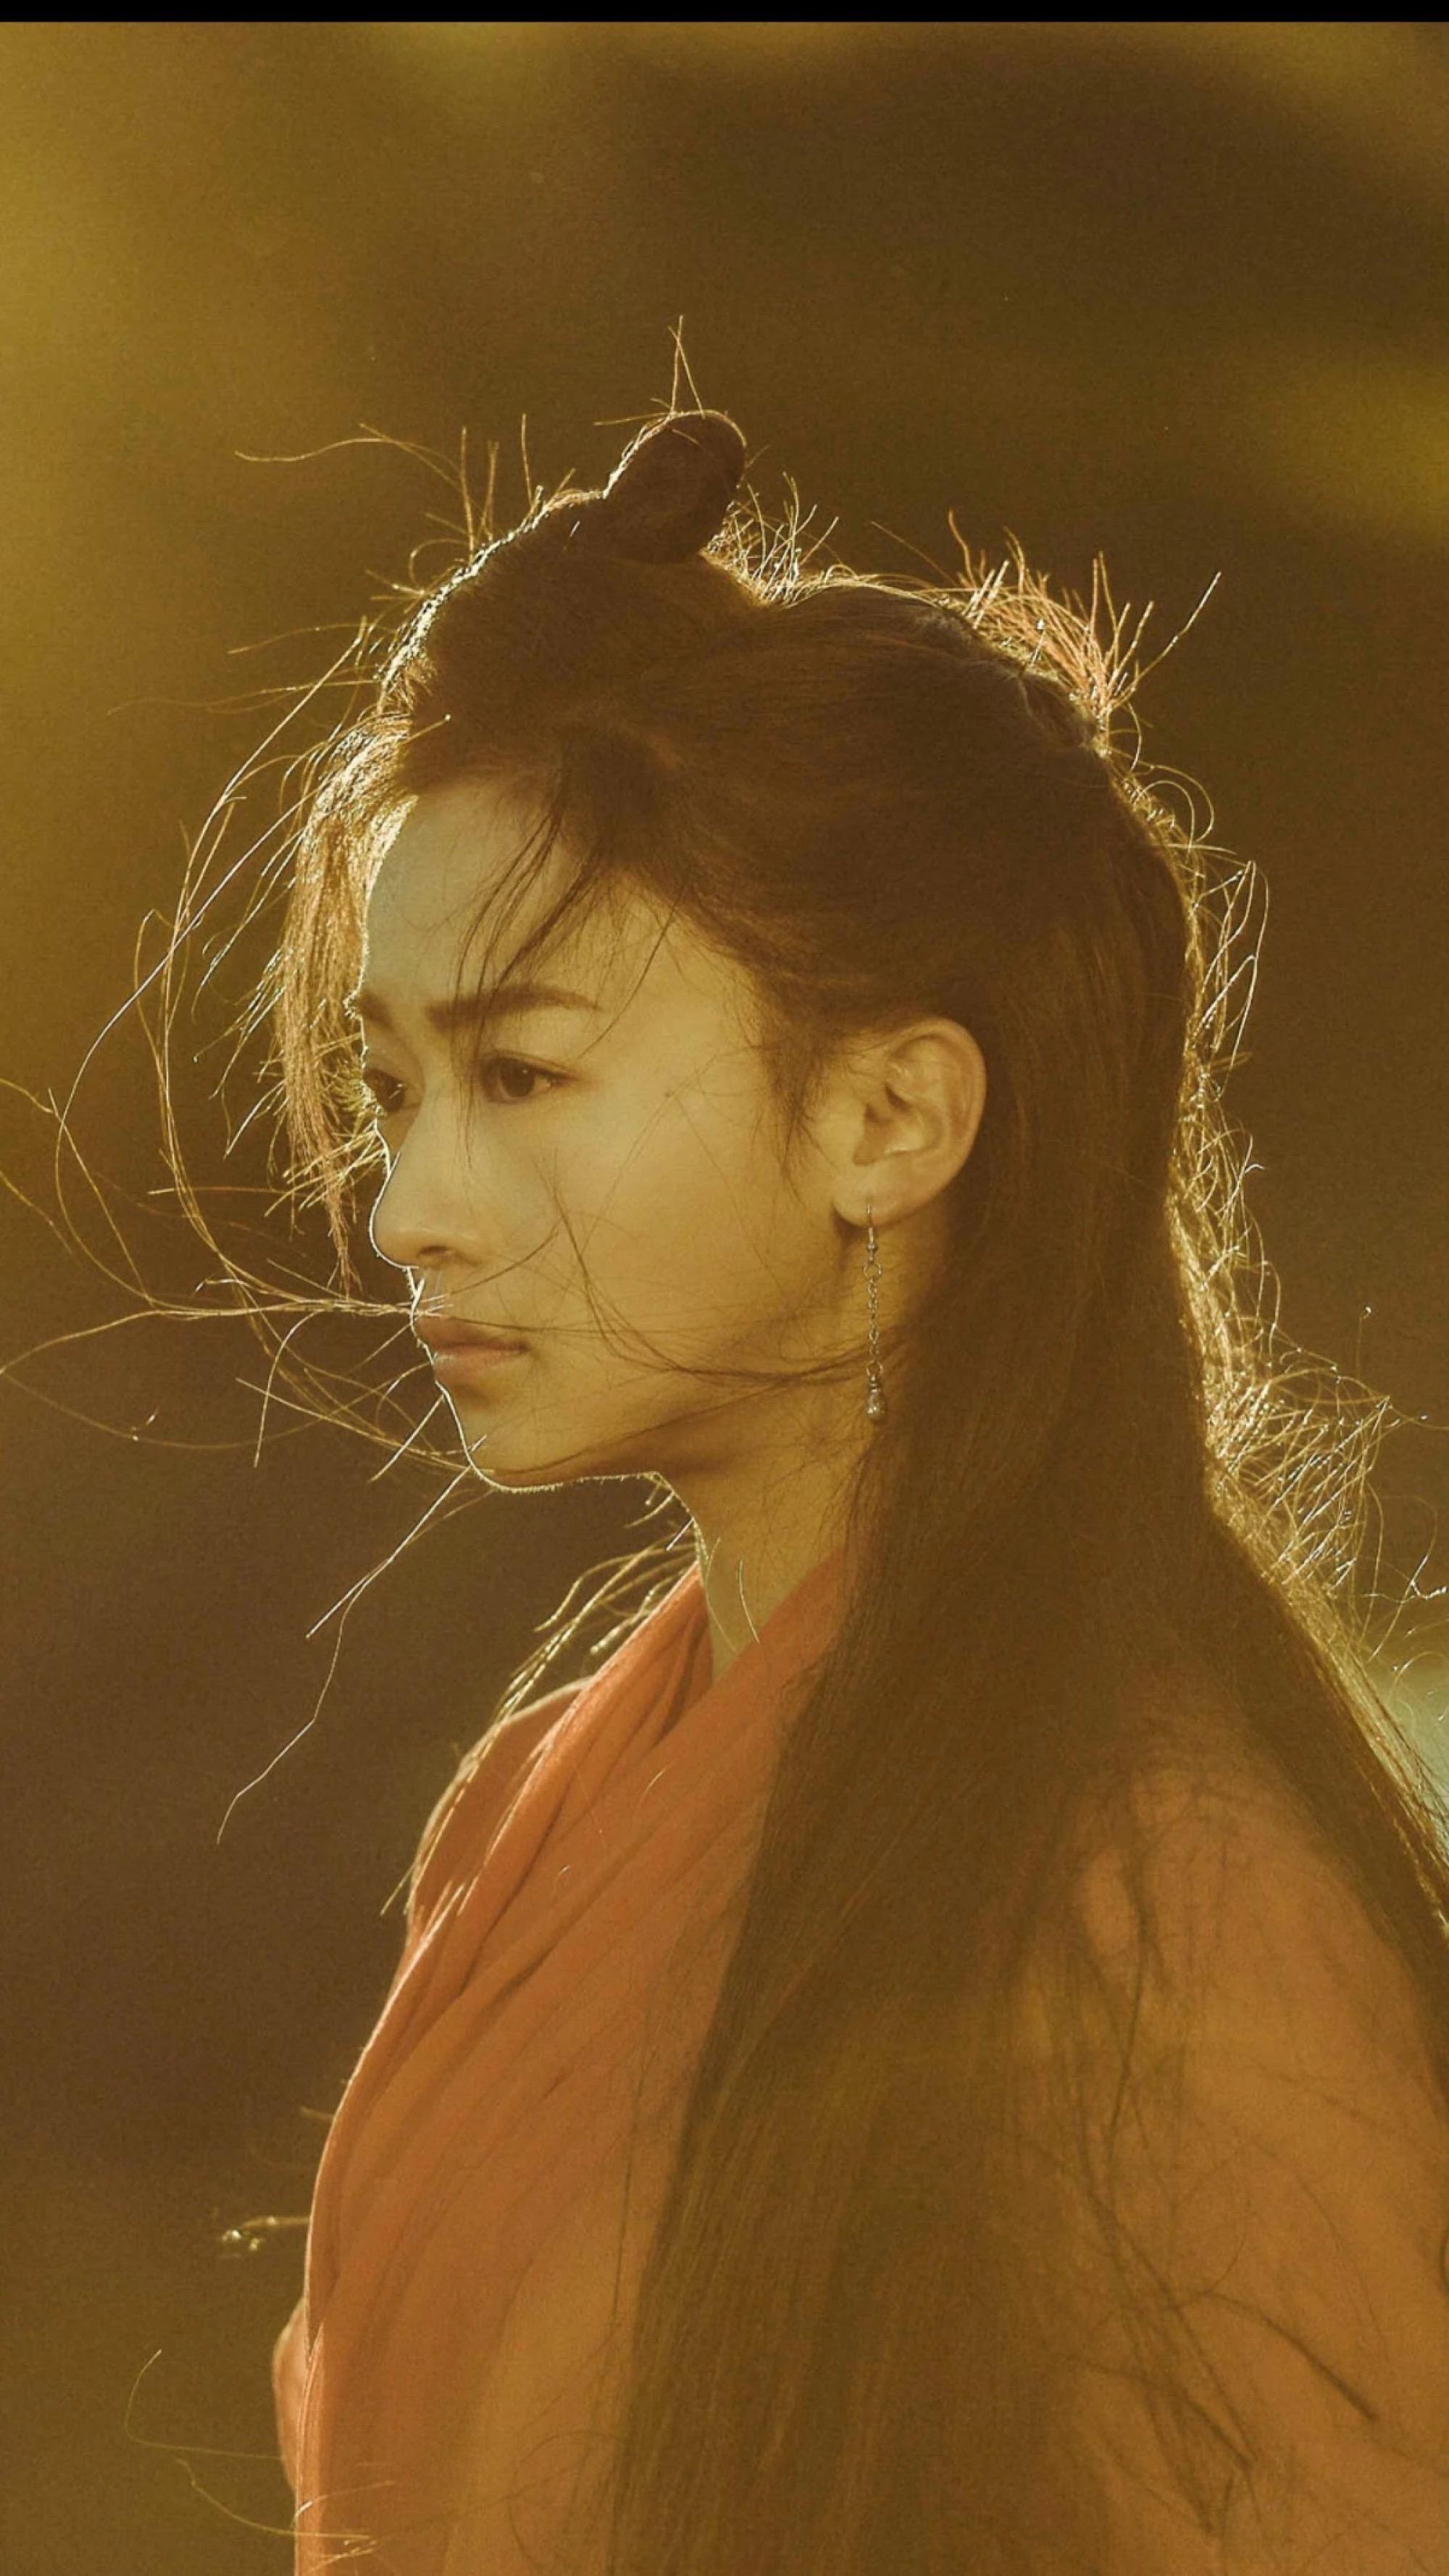 于正导演最新捧的几位女艺人,吴谨言颜值只能算一般